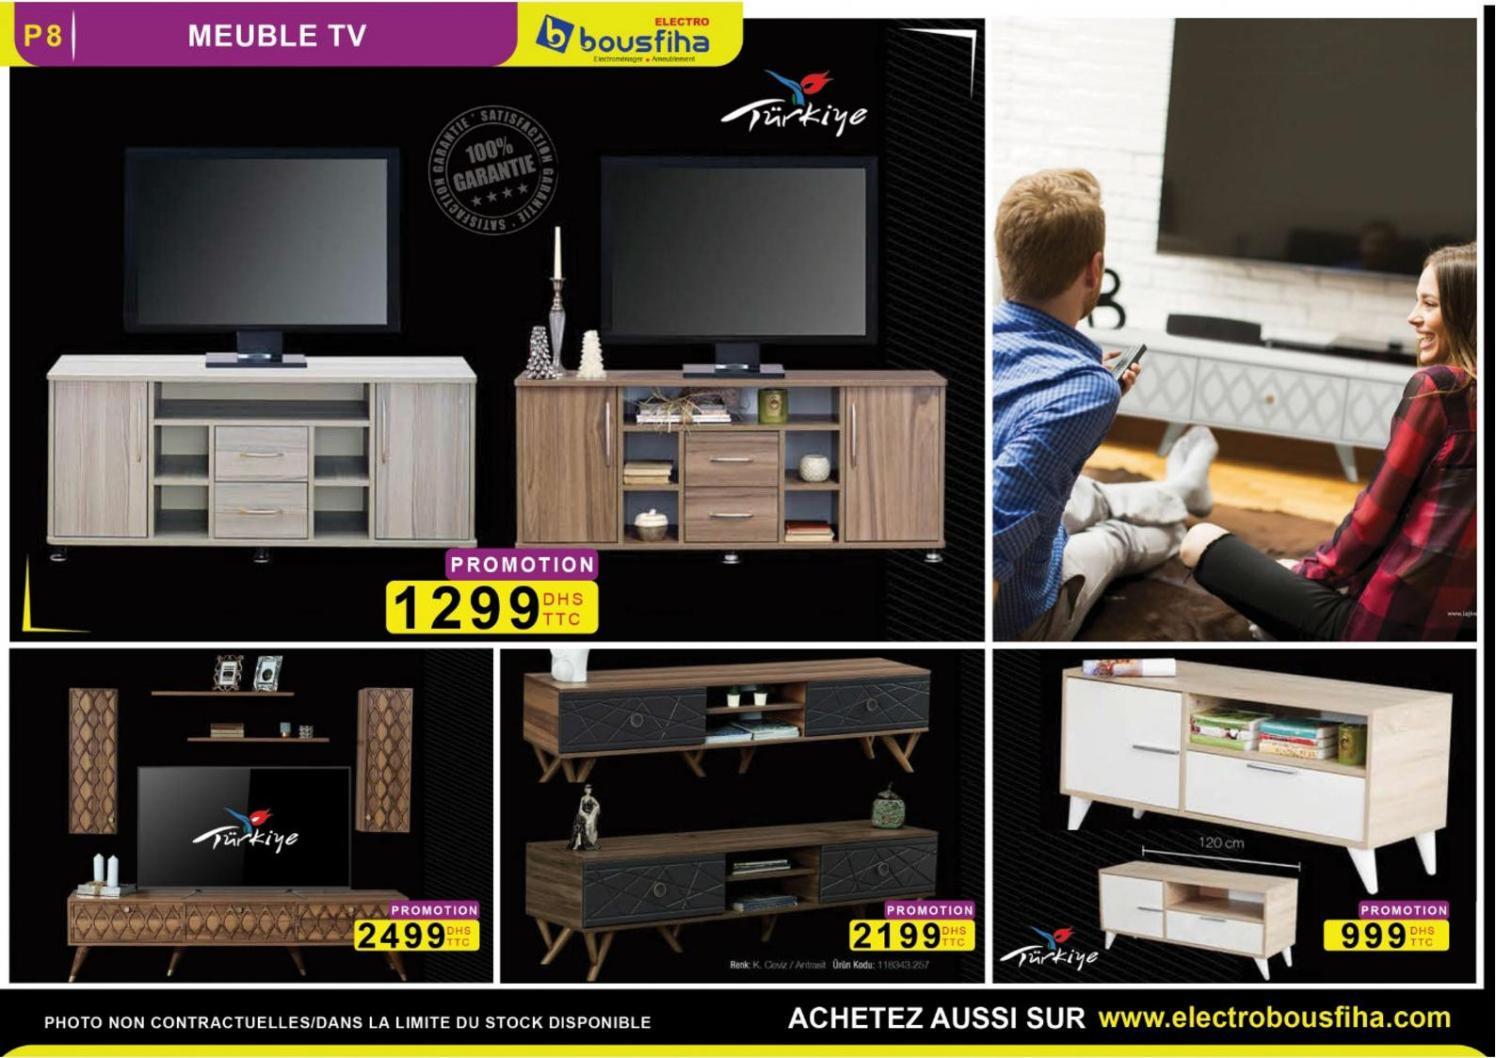 promotion turkiye meuble tv